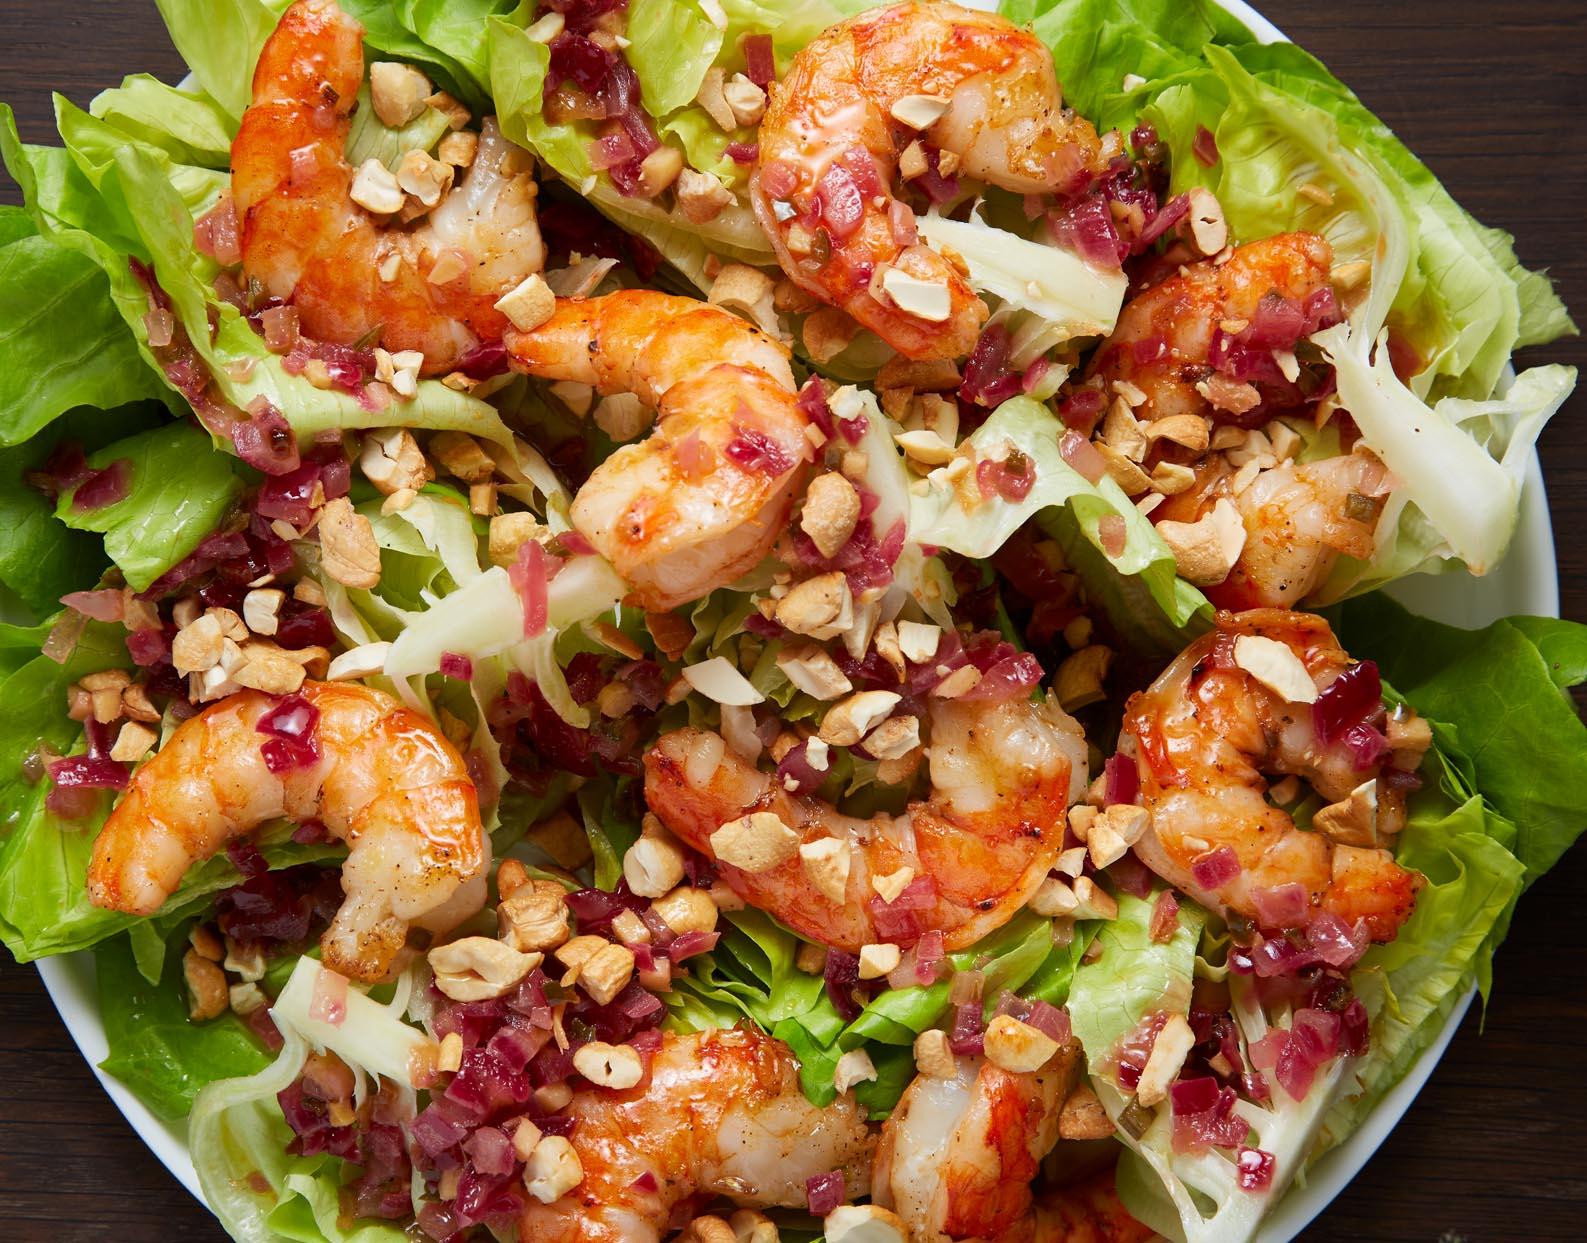 Bibb Lettuce Salad with Grilled Shrimp